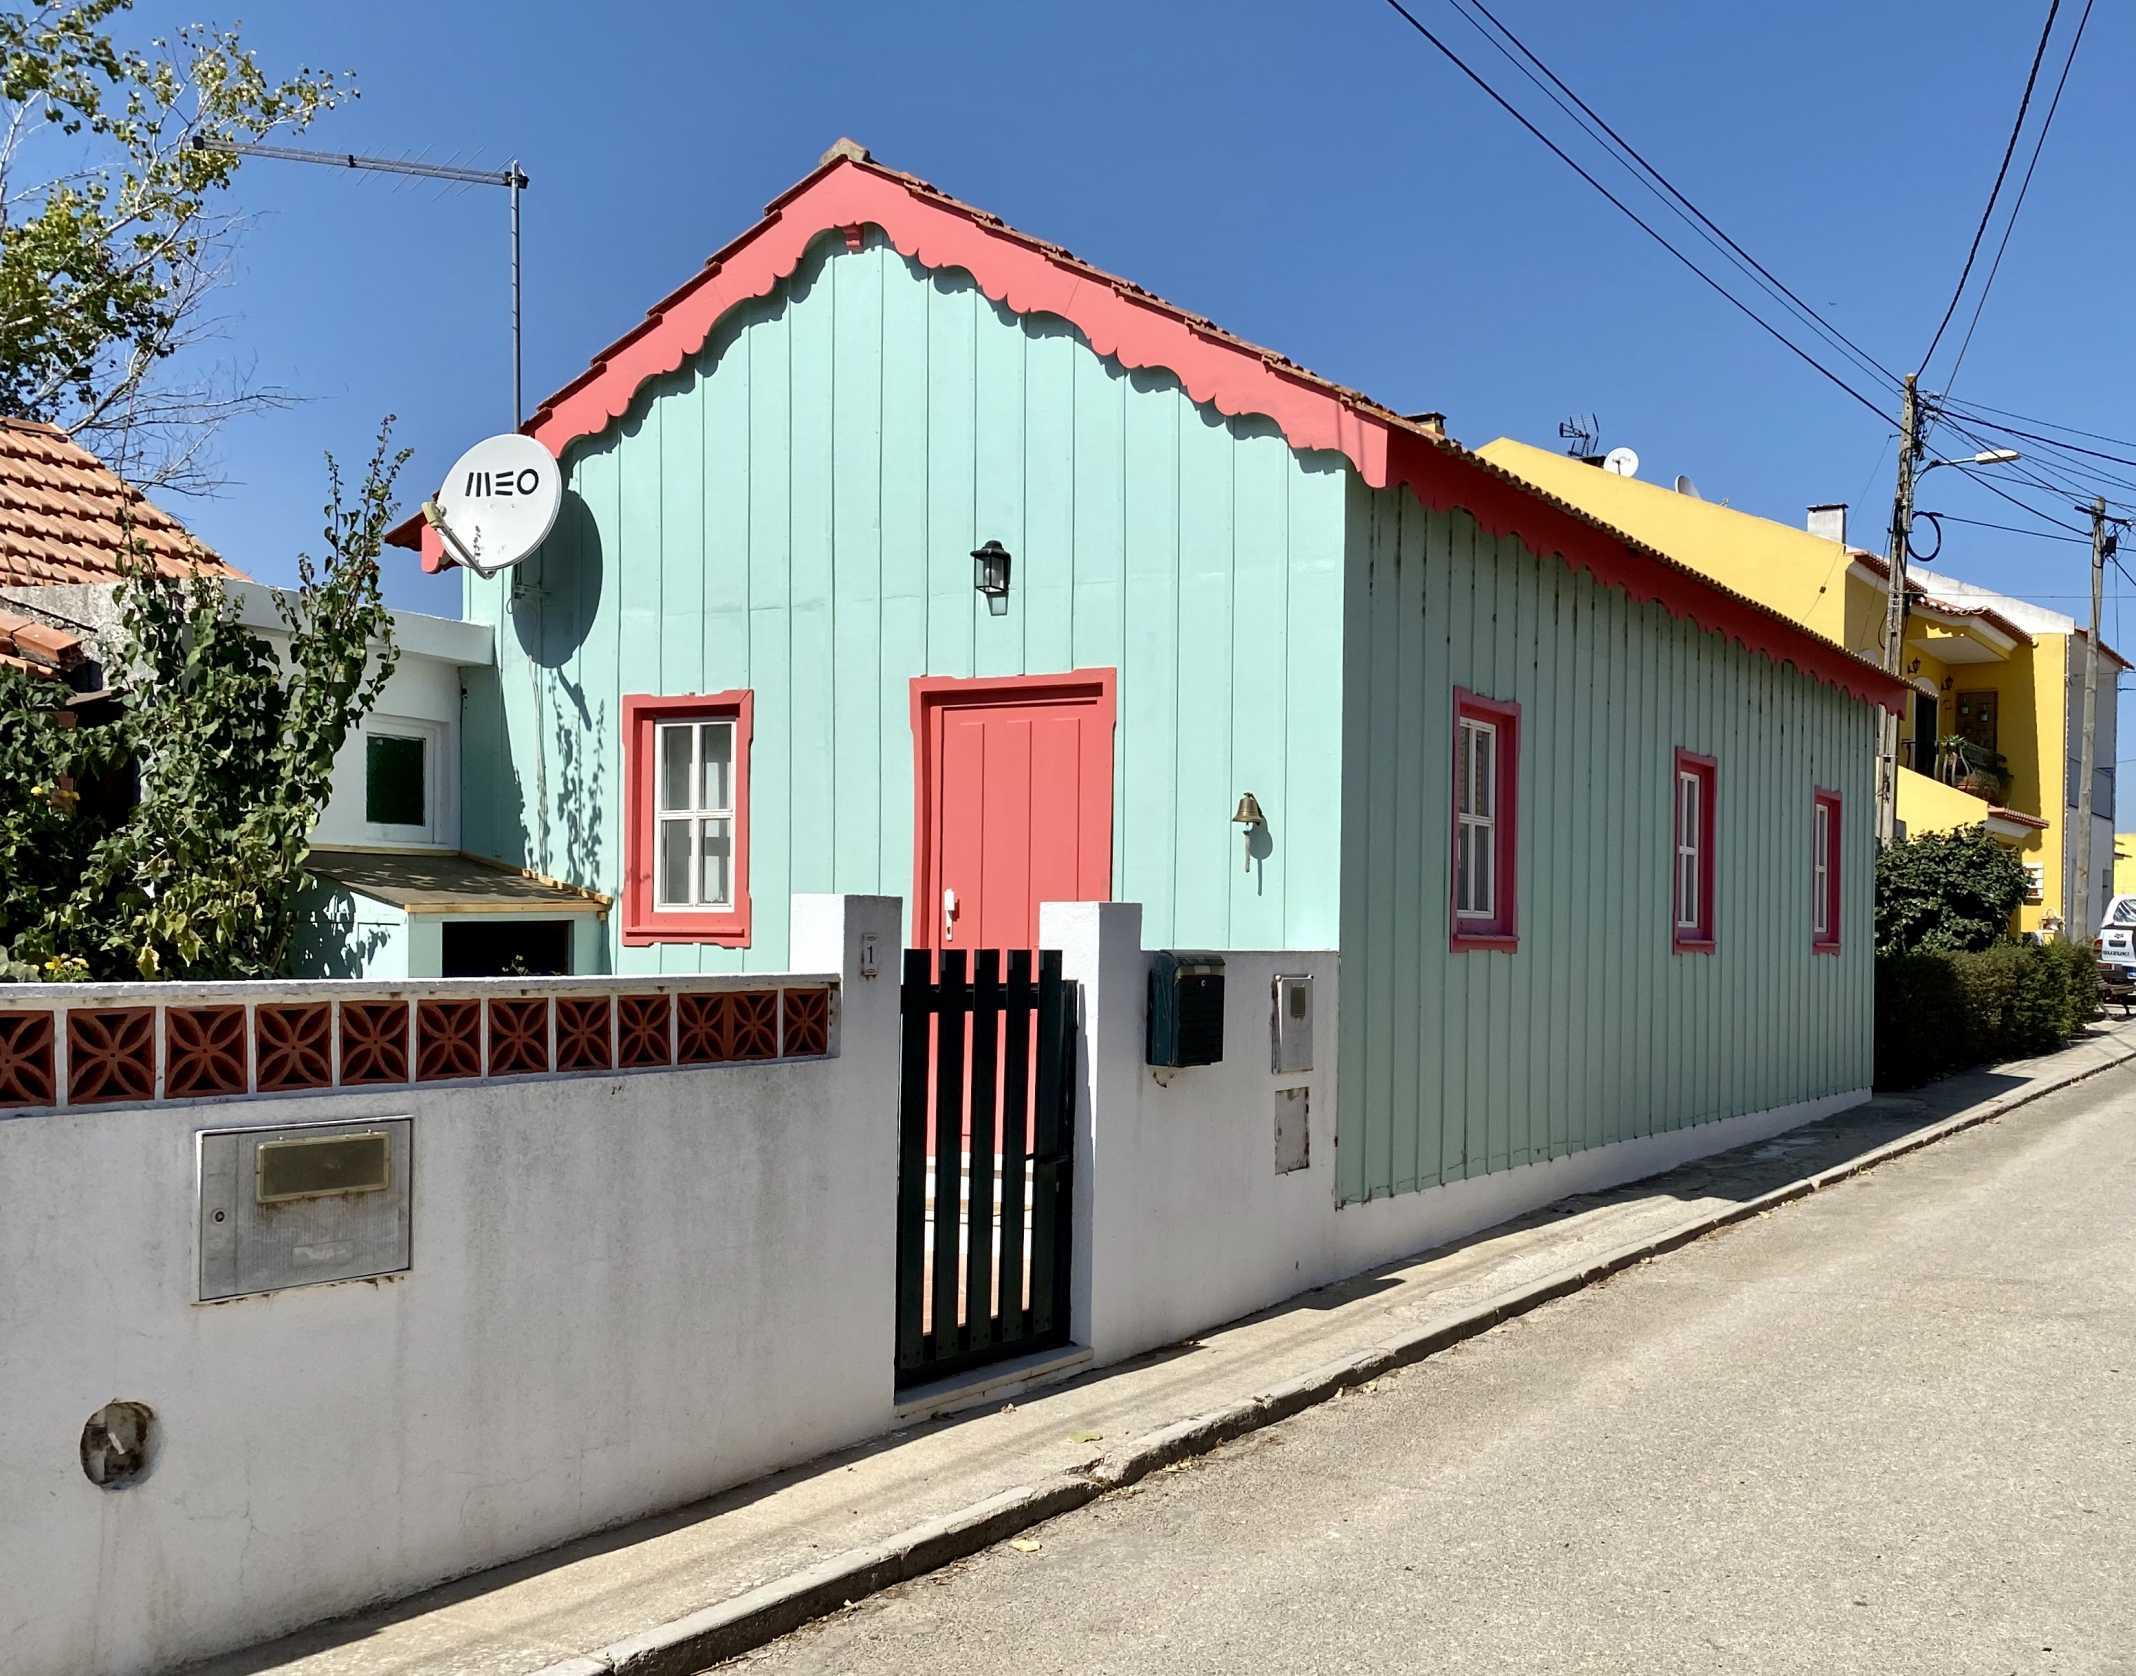 casas coloridas escaroupim